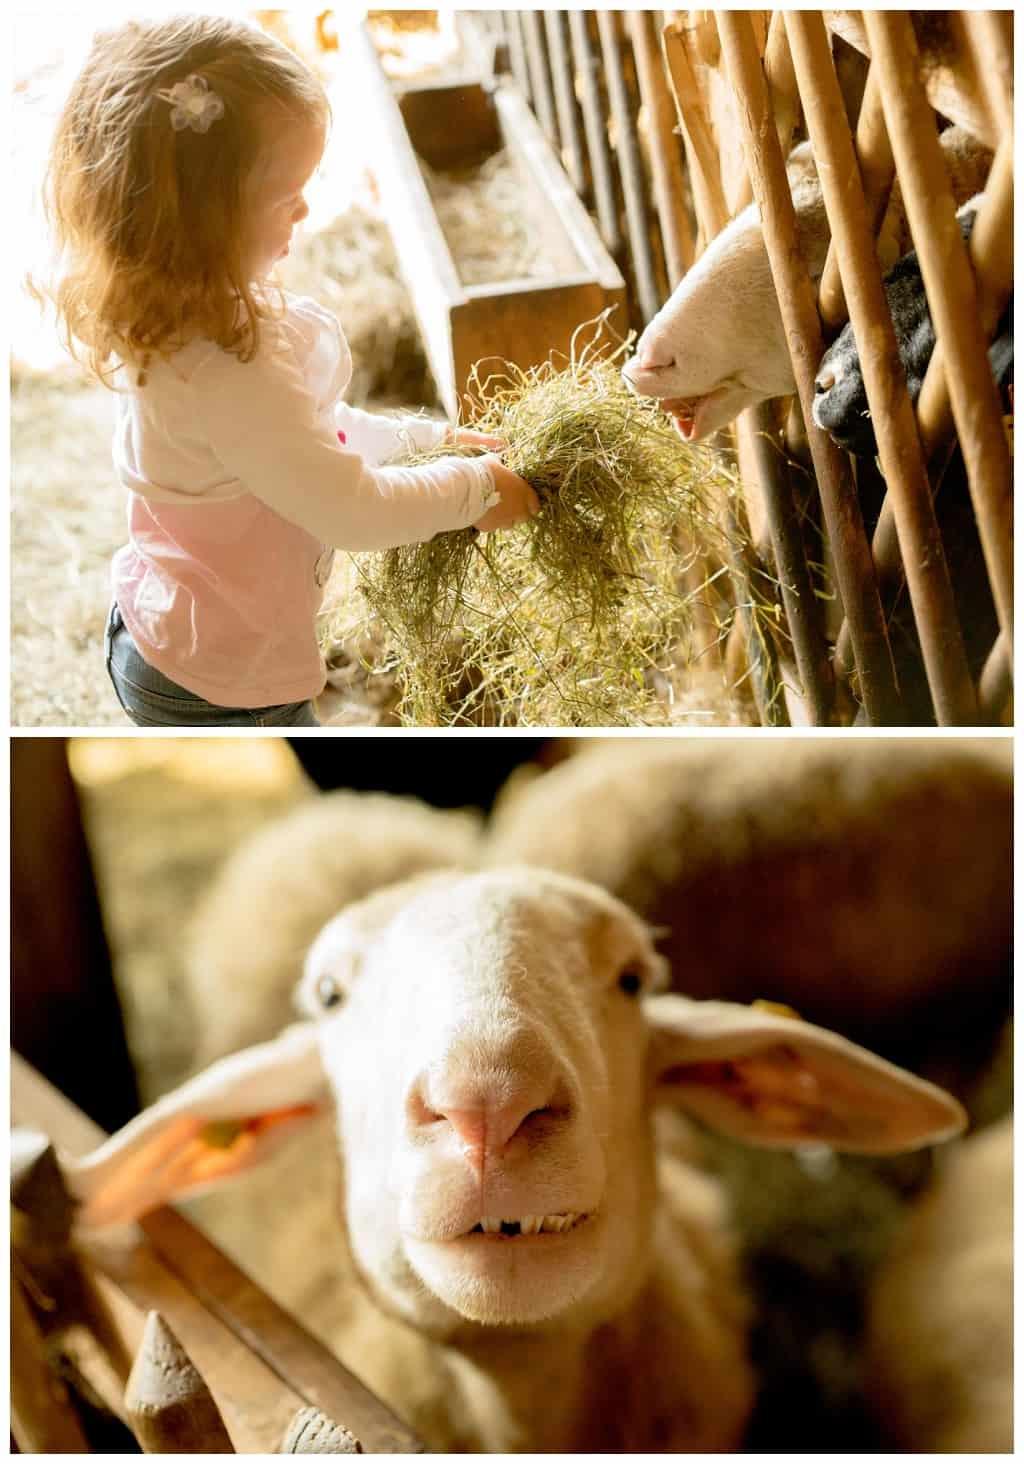 Schafe_füttern